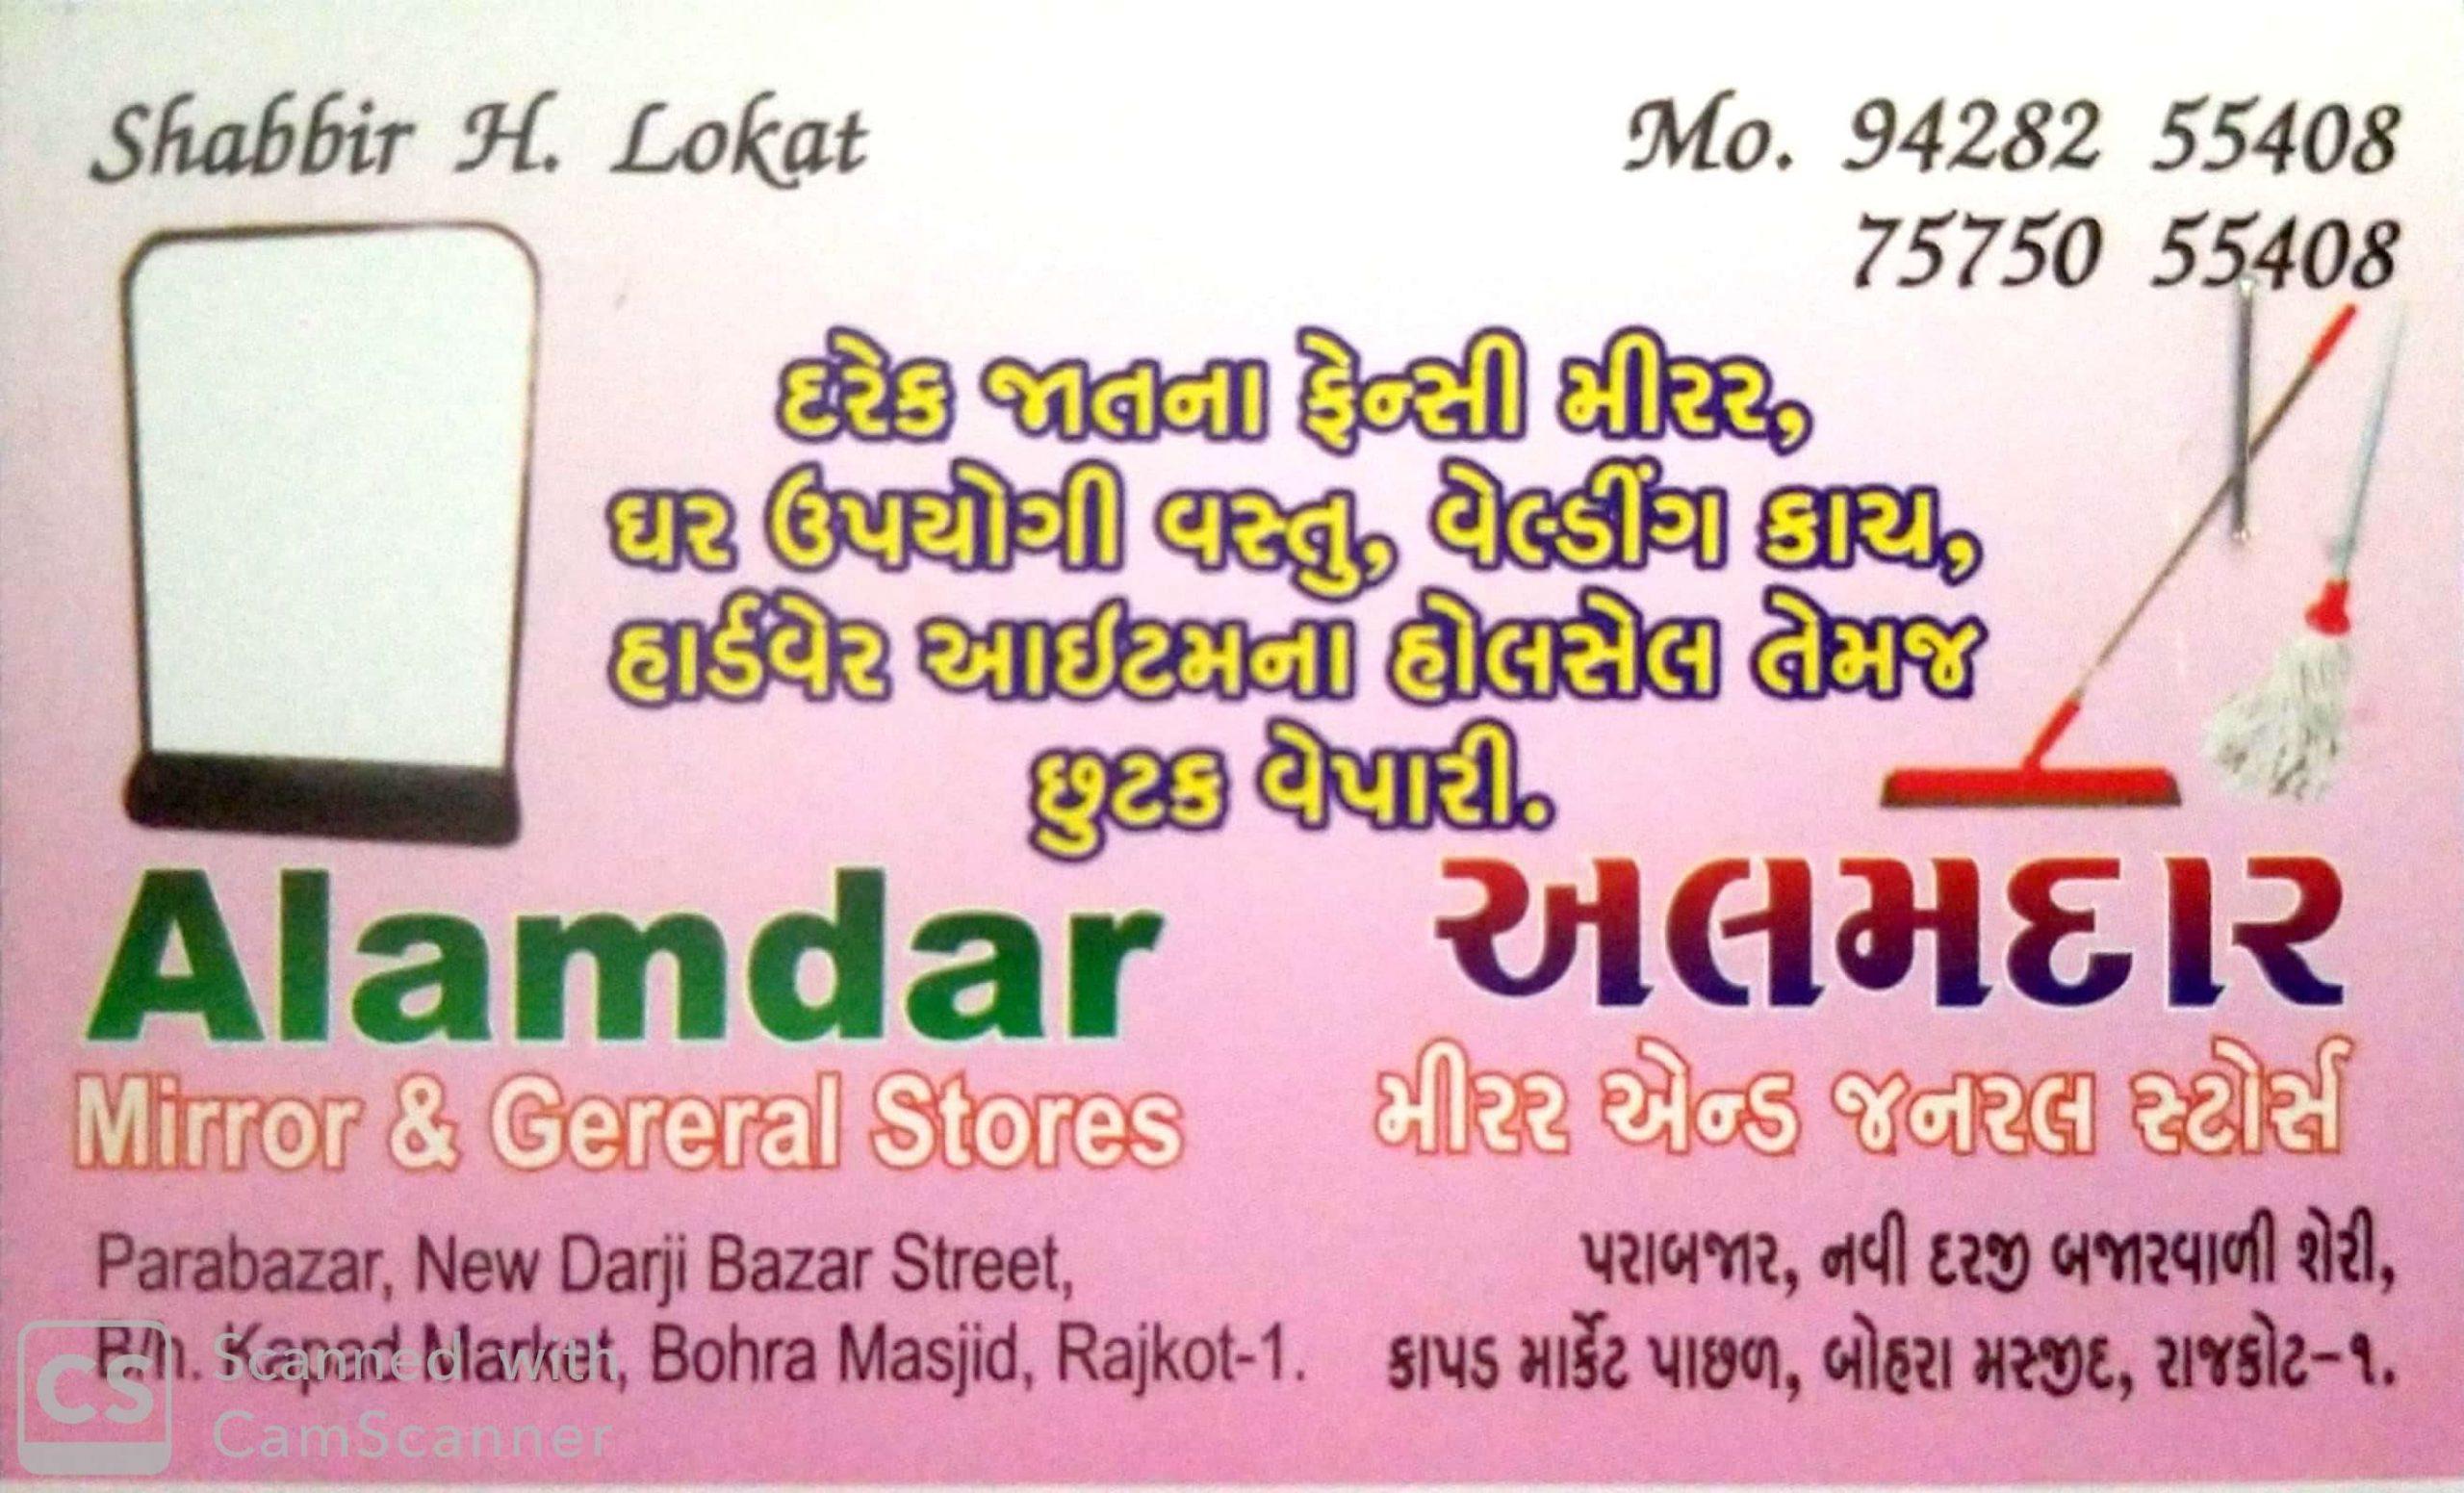 Alamdar mirror & general store